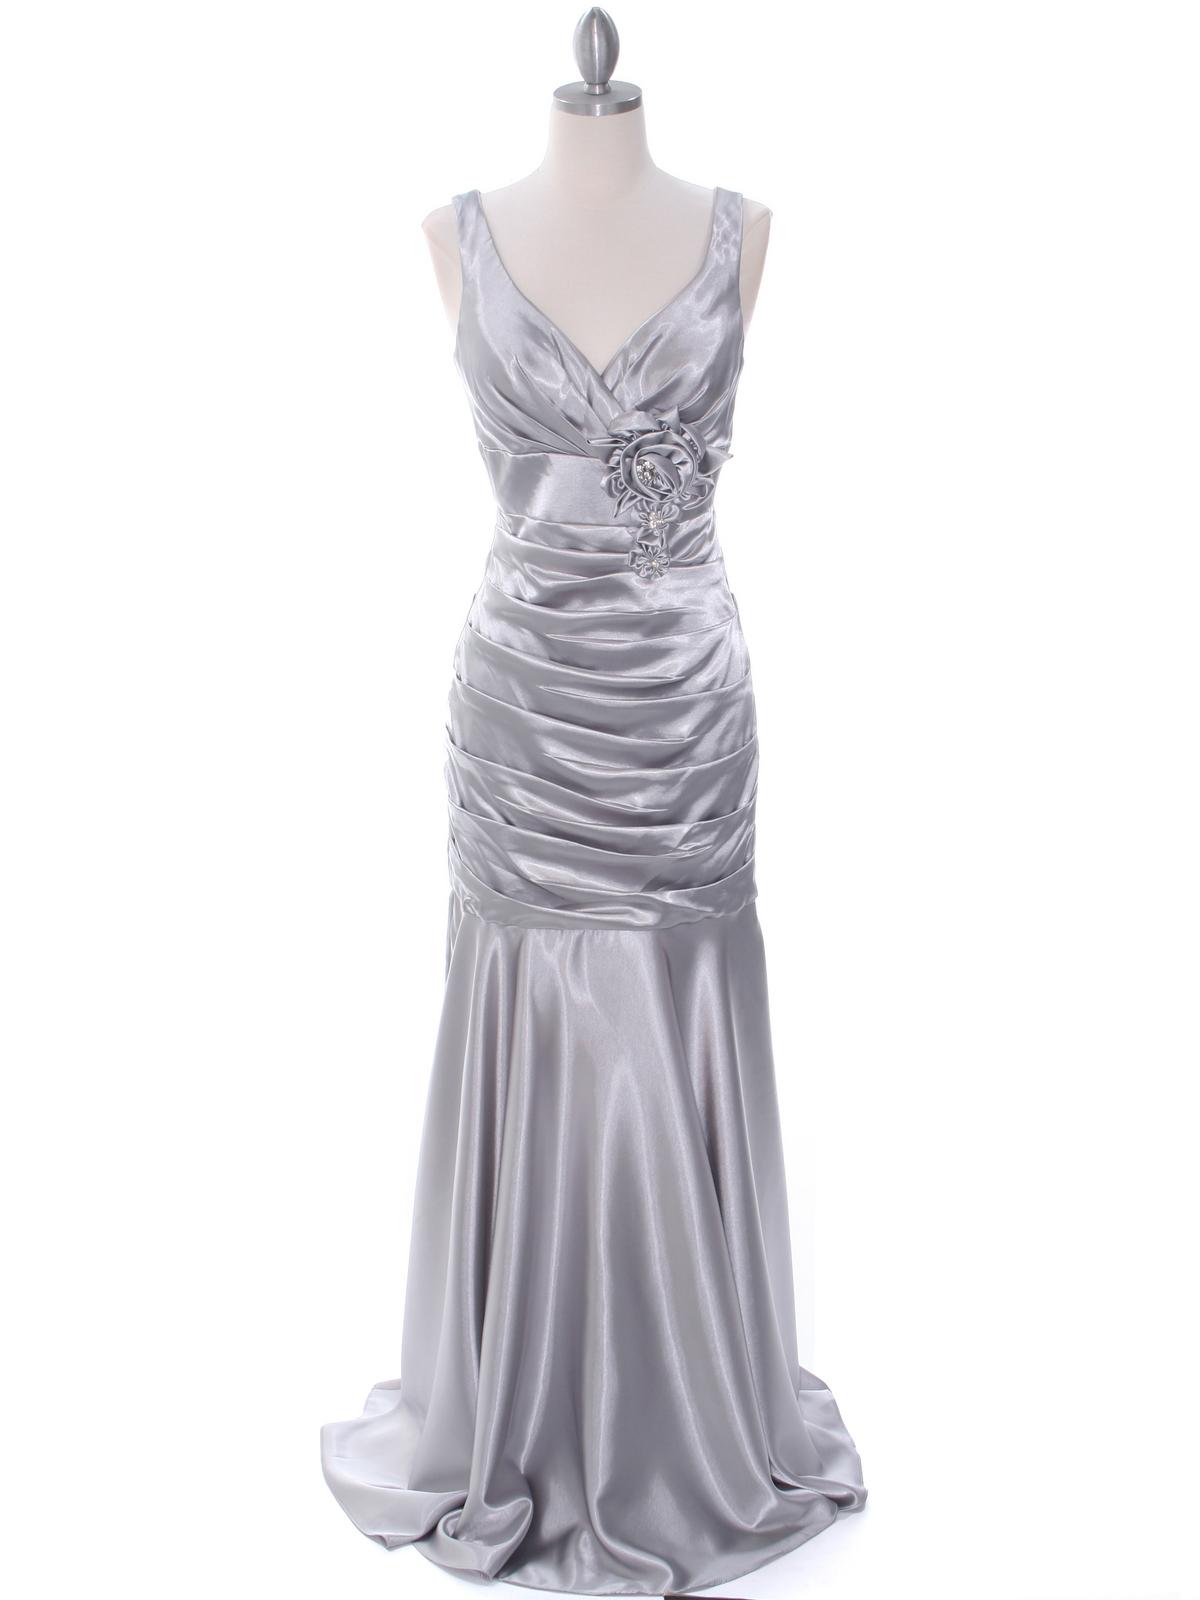 Silver bridesmaid dress sung boutique la 5098 silver bridesmaid dress silver front view medium ombrellifo Gallery